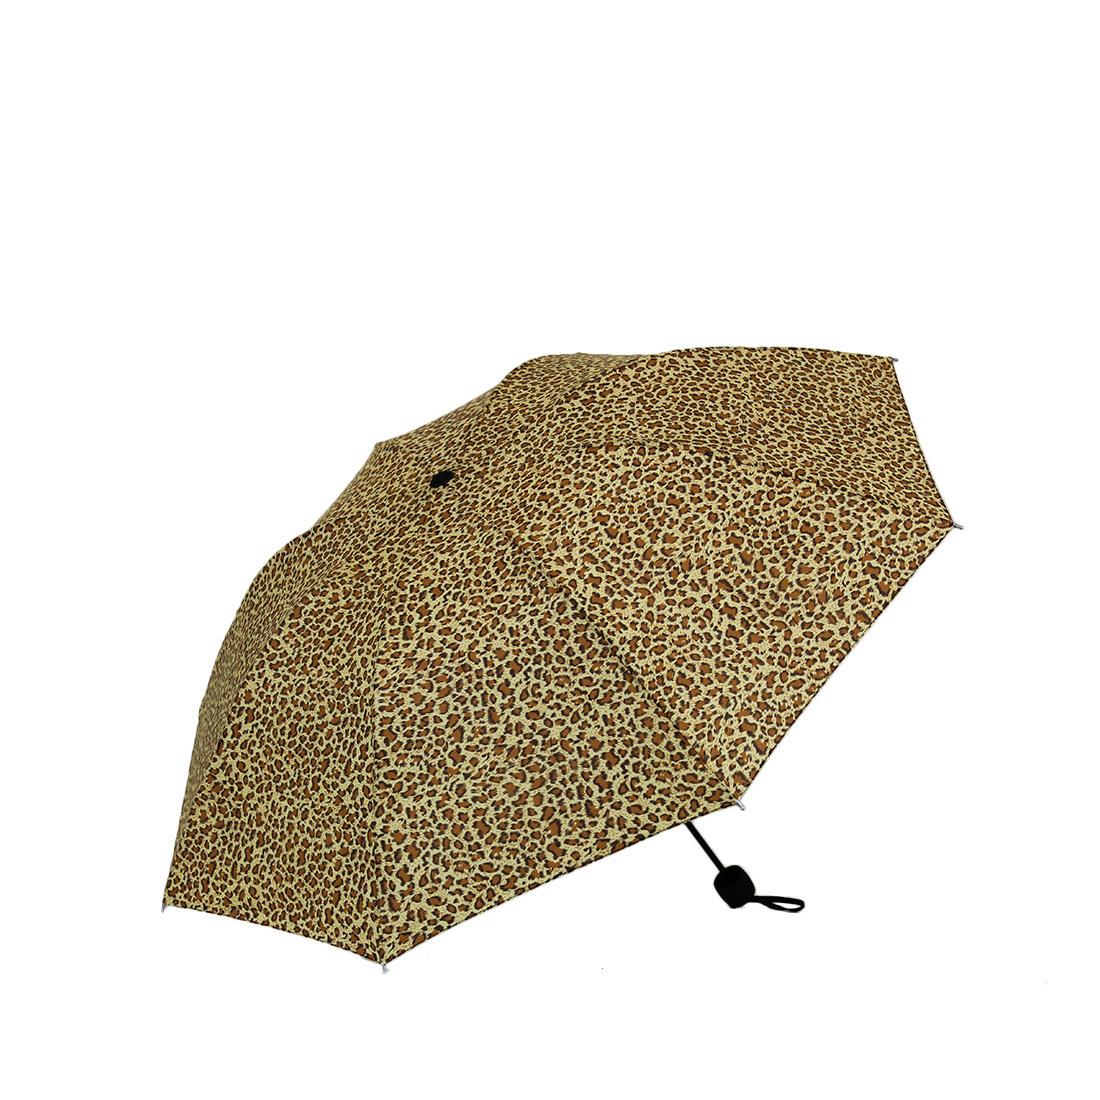 Leopard design umbrella